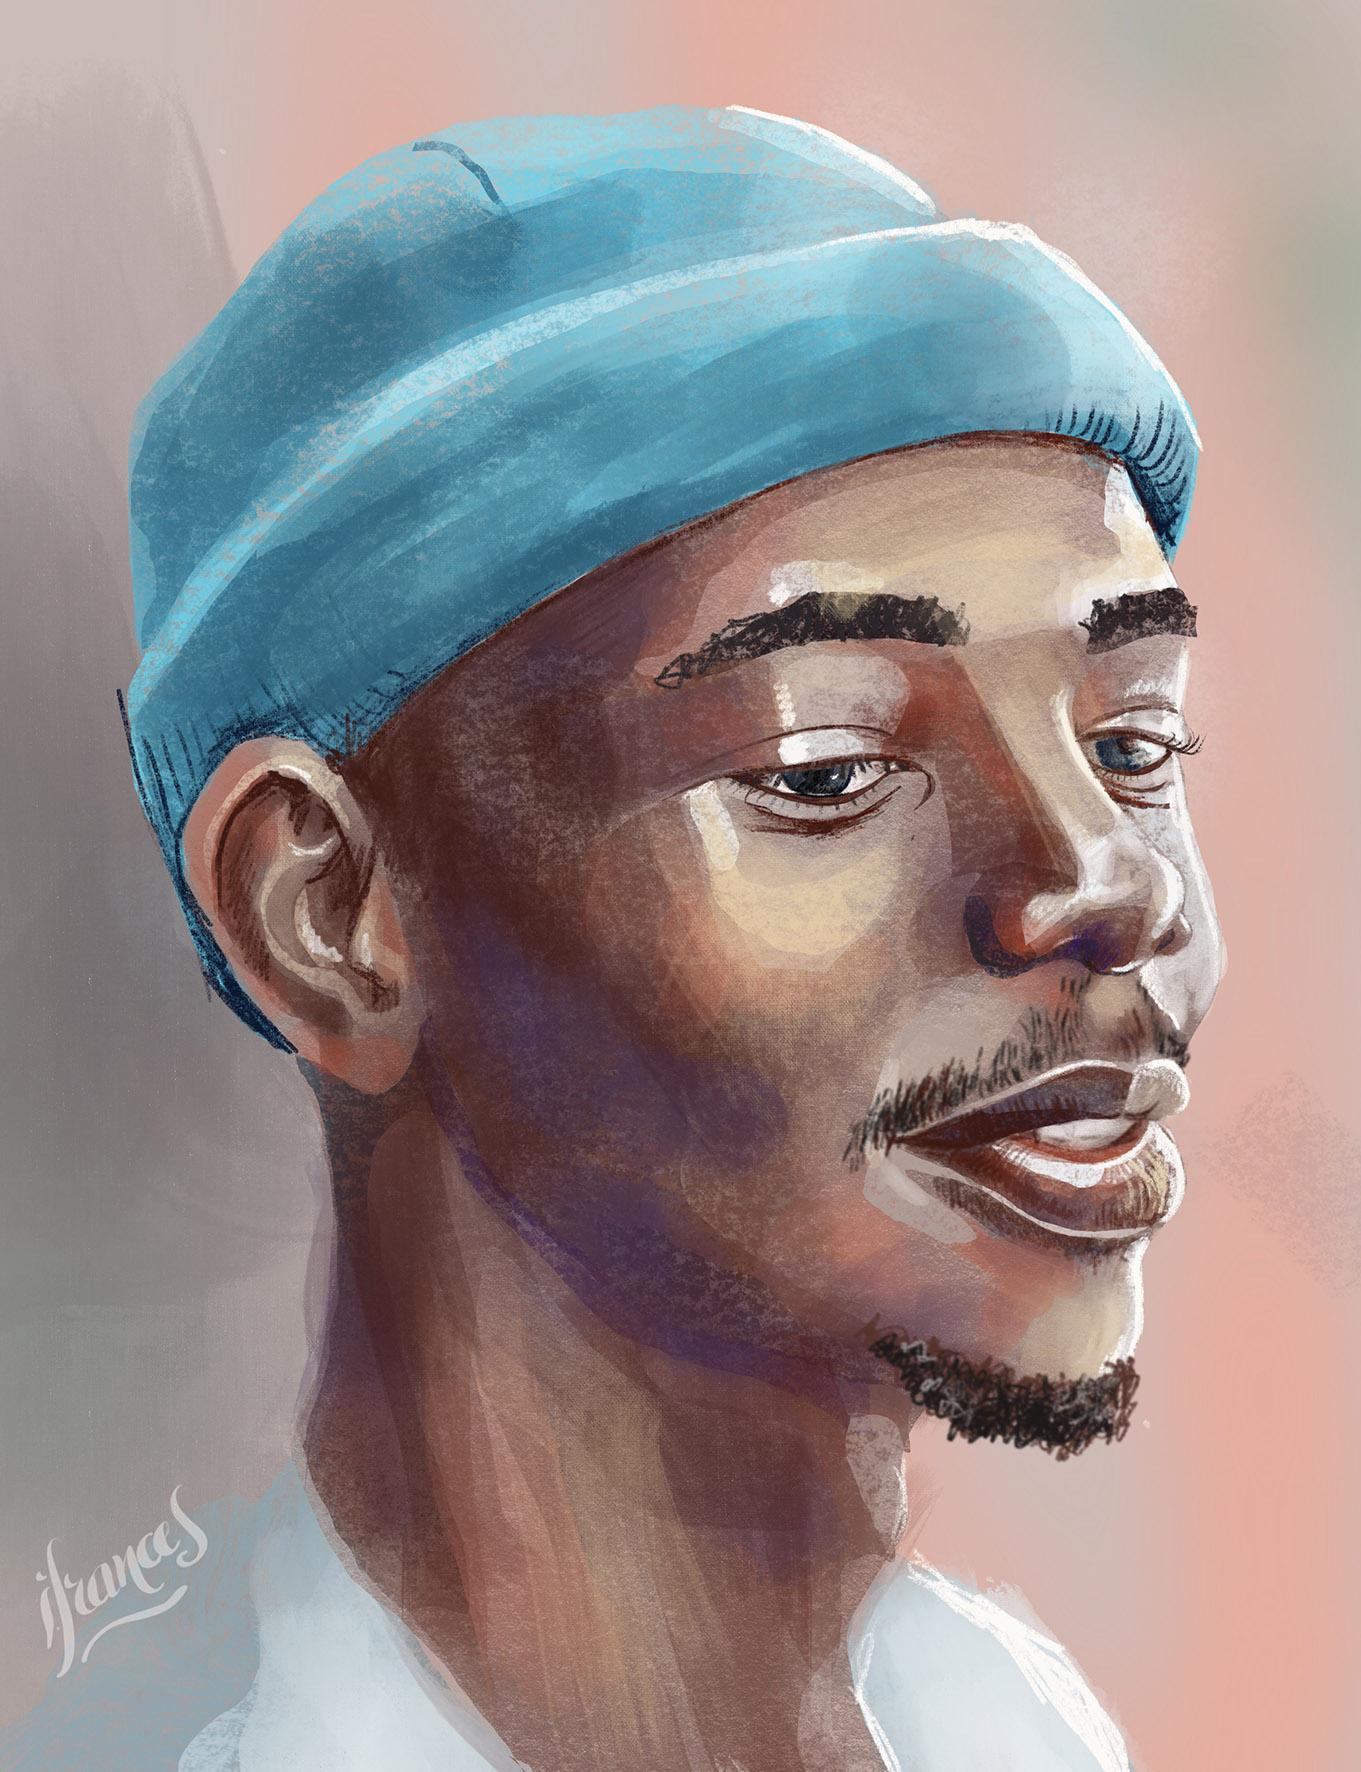 Prodigy Dan, peinture numérique sur Procreate-©I.Frances 2021